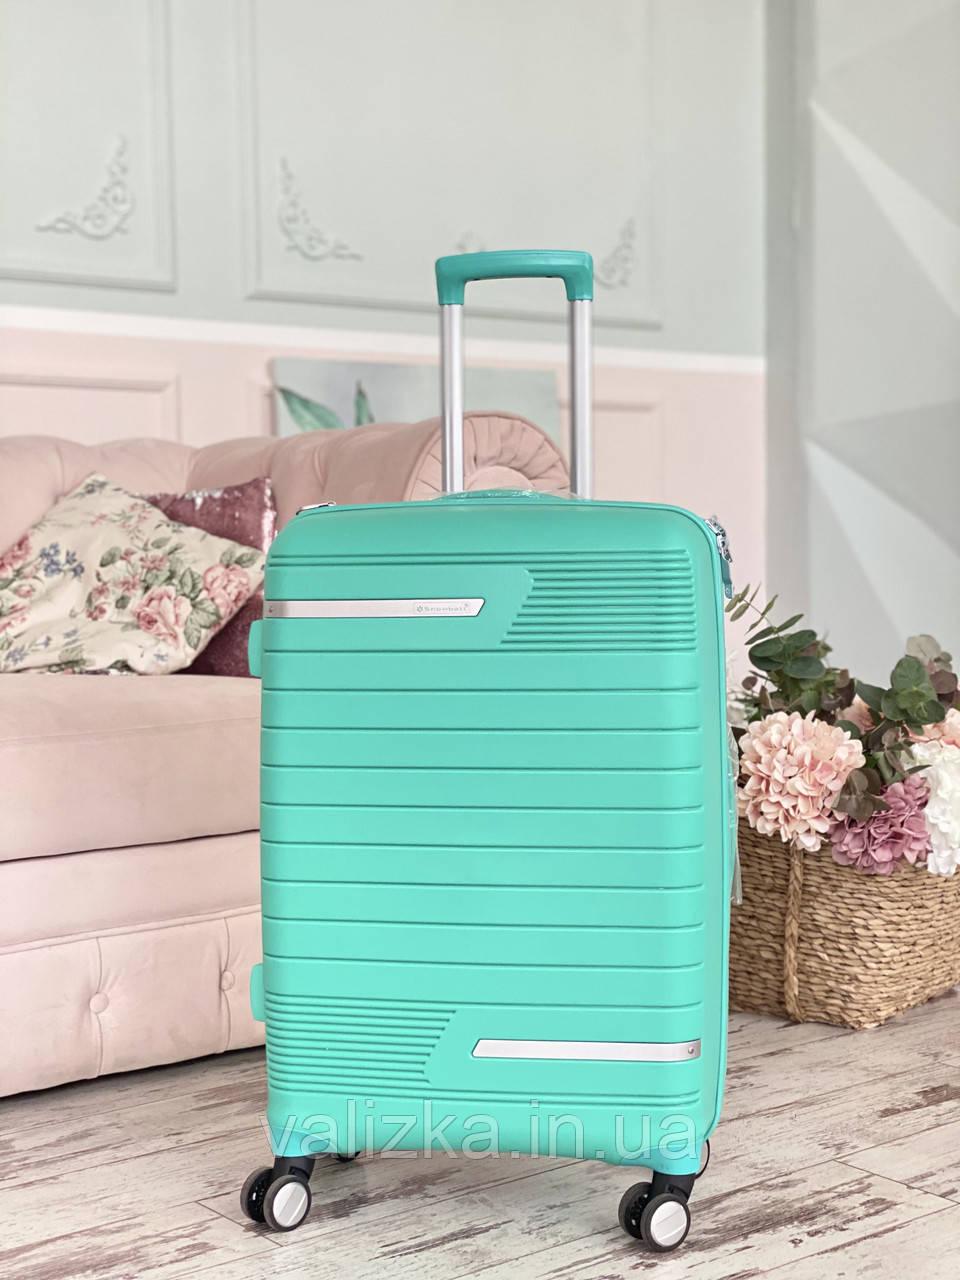 Маленький пластиковый чемодан из полипропилена для ручной клади мятный Франция